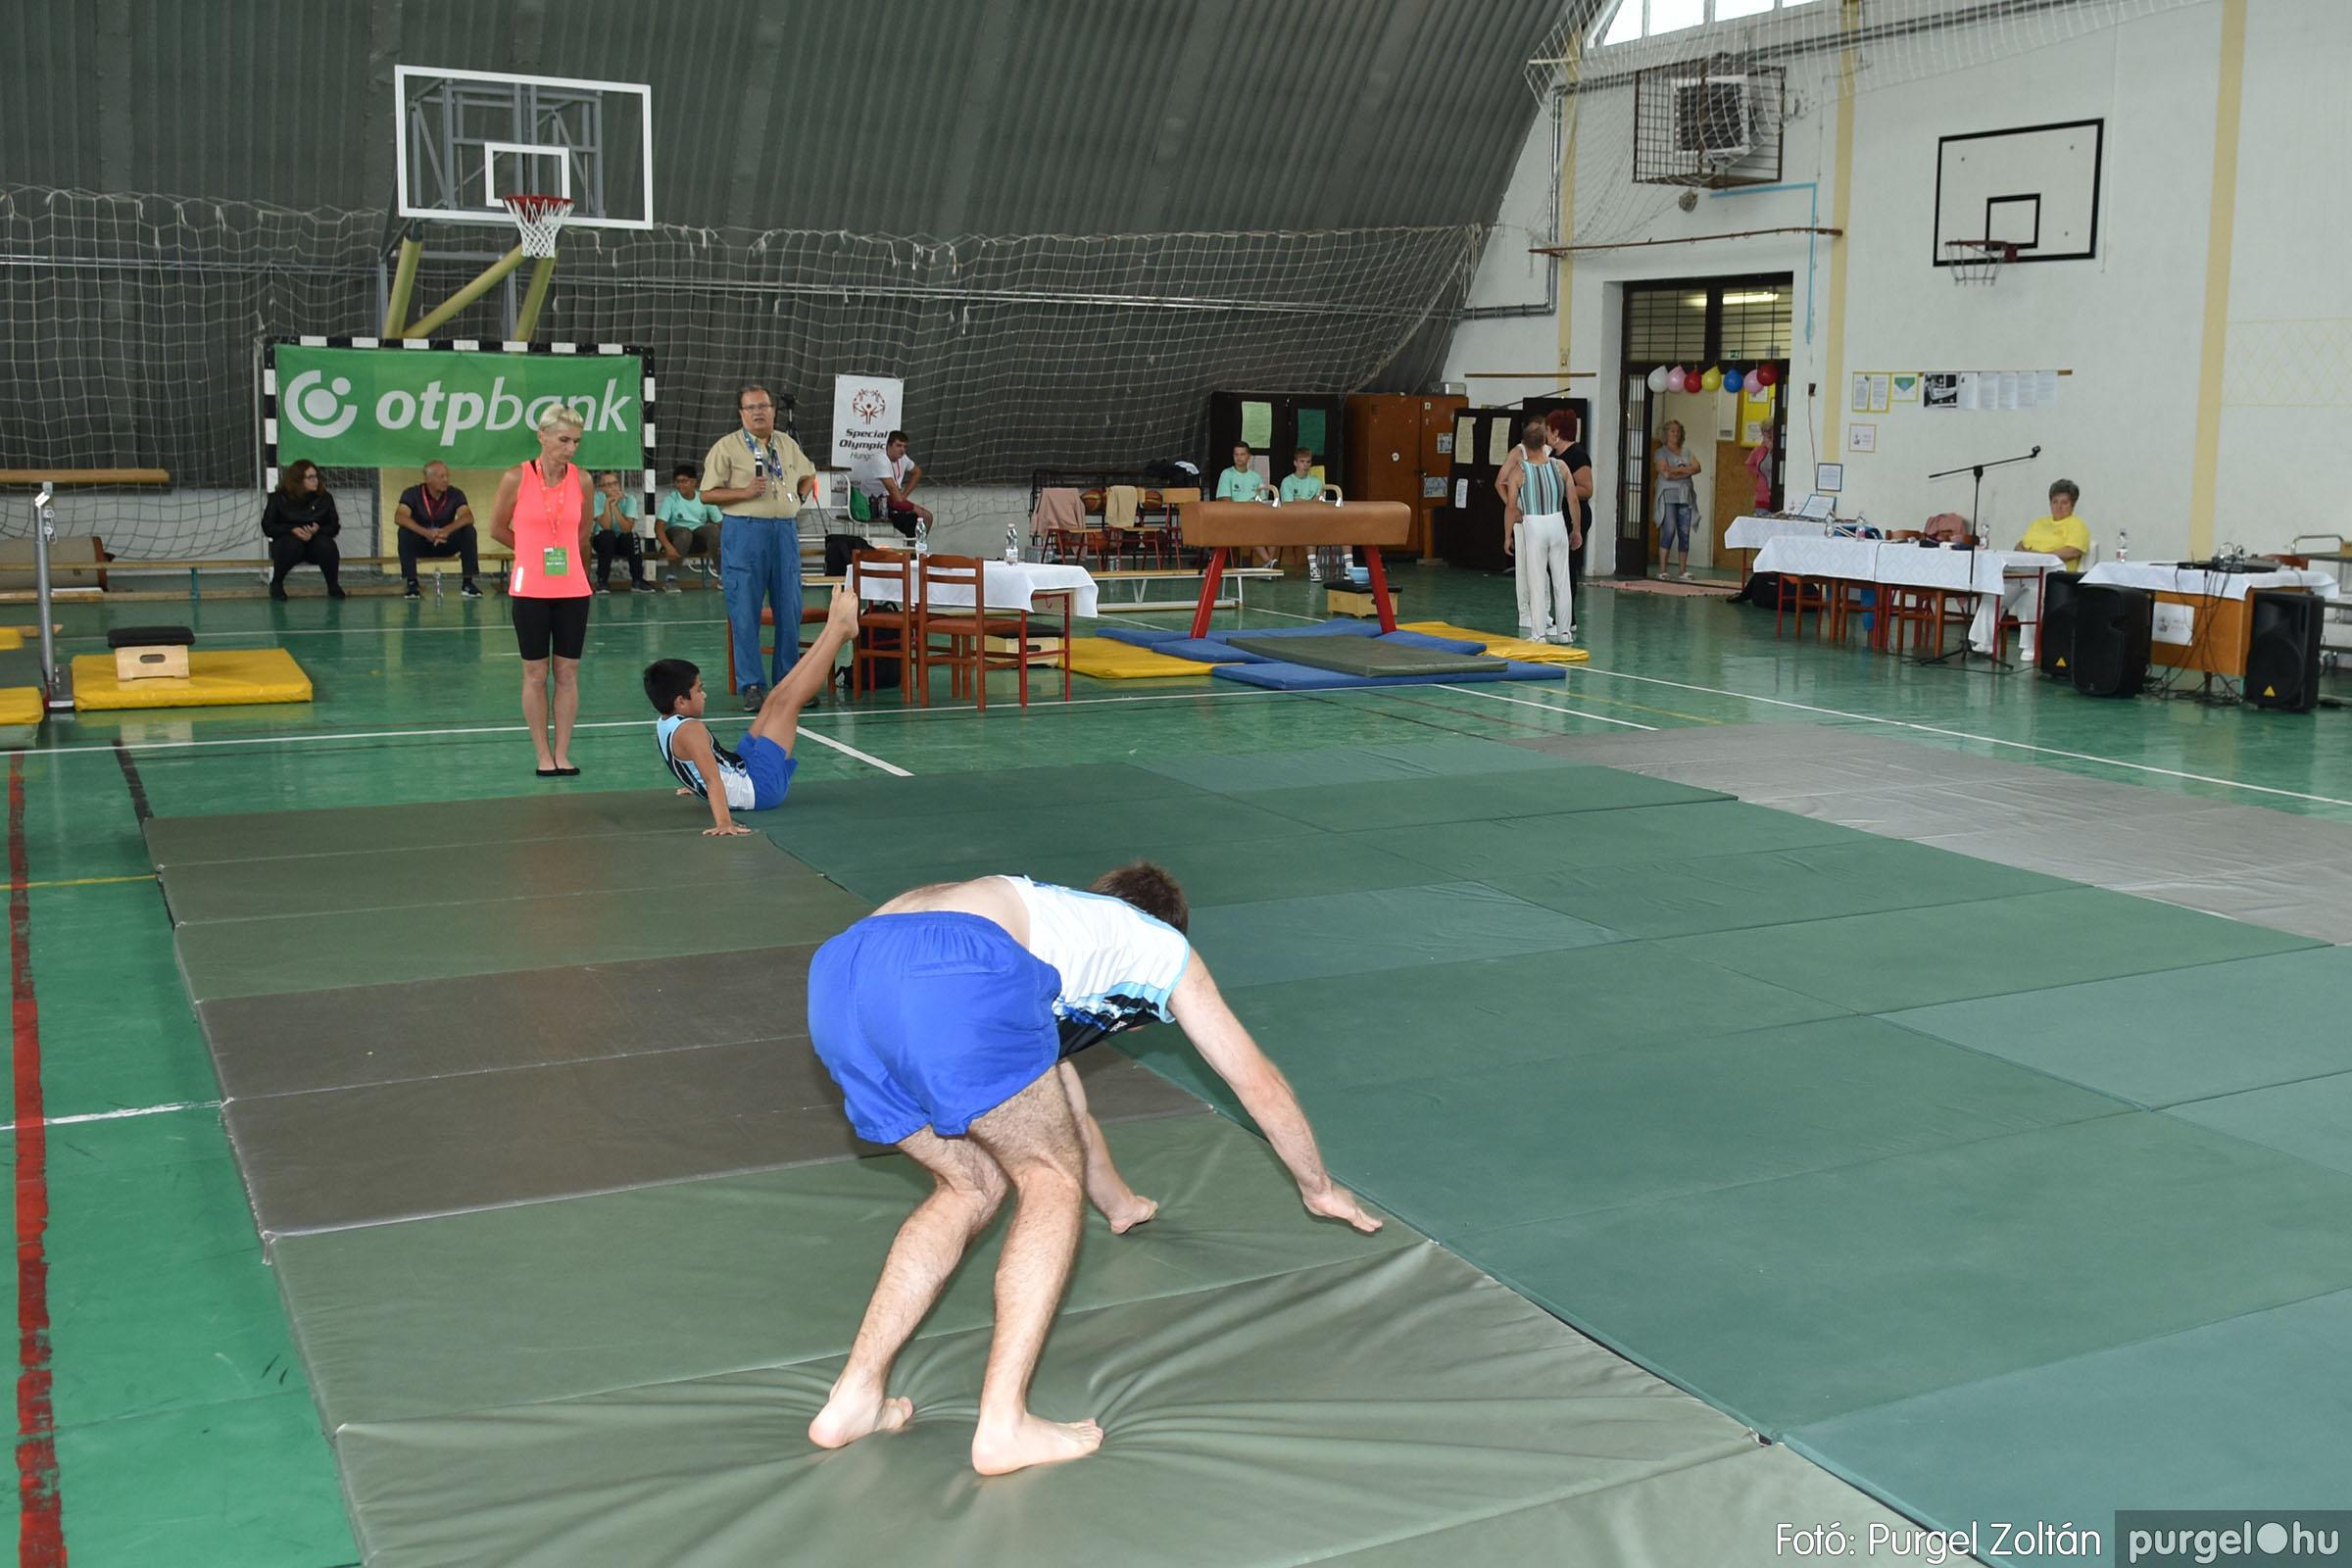 2021.08.27. 022 VII. Speciális Olimpia Nyári Nemzeti Játékok szegvári megnyitója.jpg